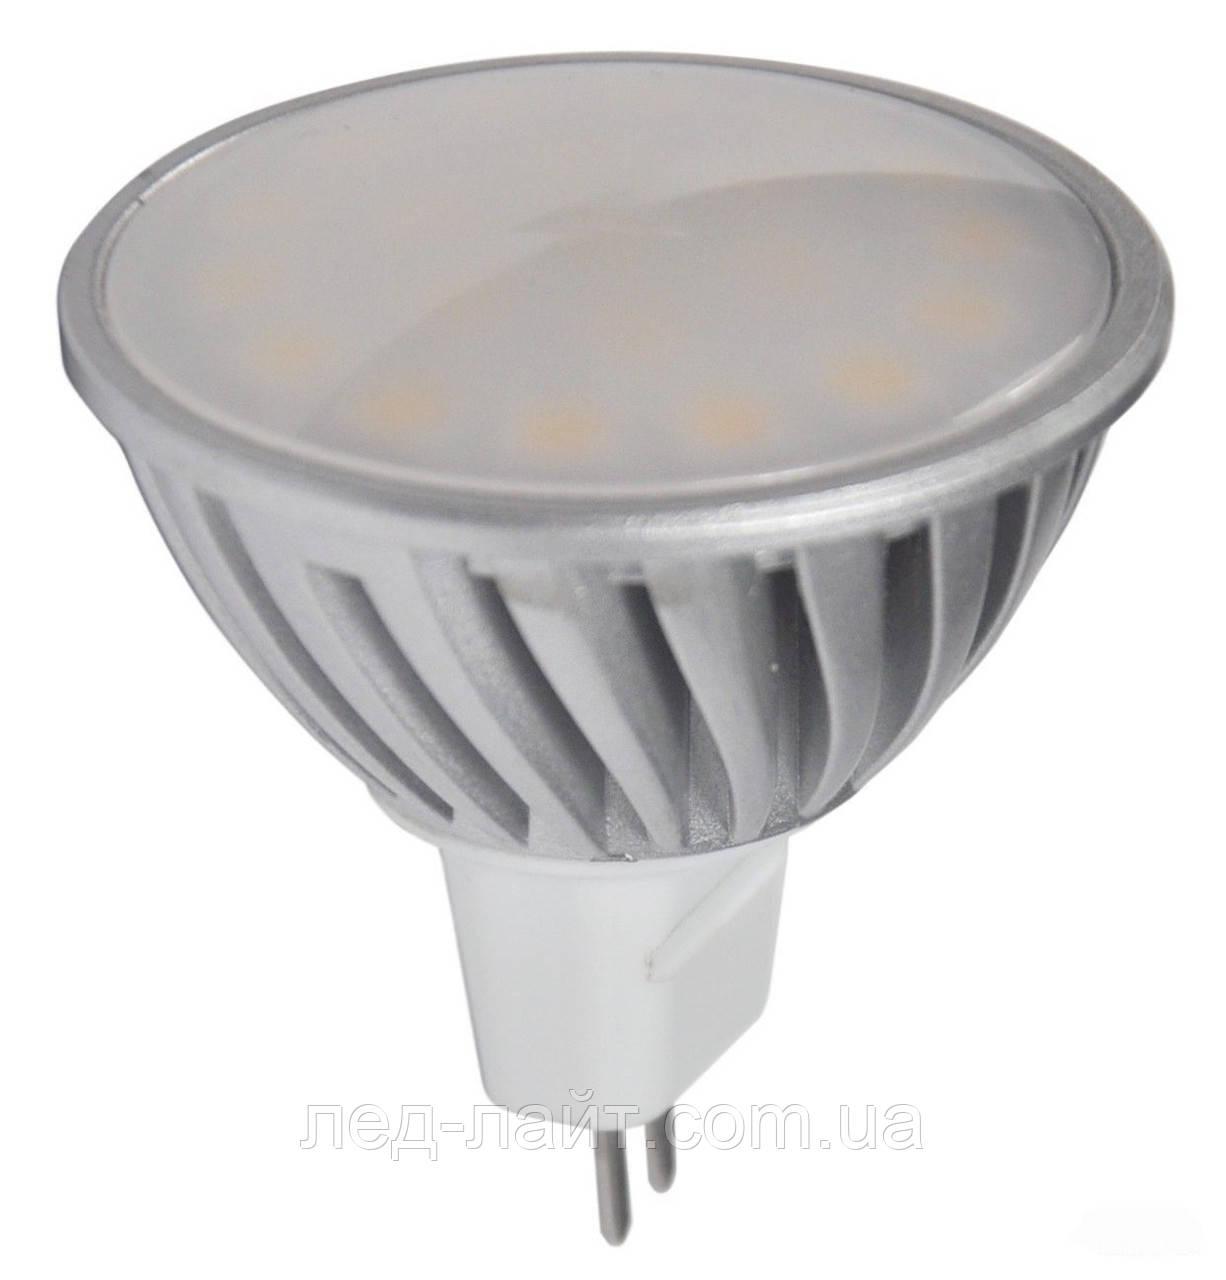 Лампа светодиодная MR16 5Вт 4100K 220В GU5.3